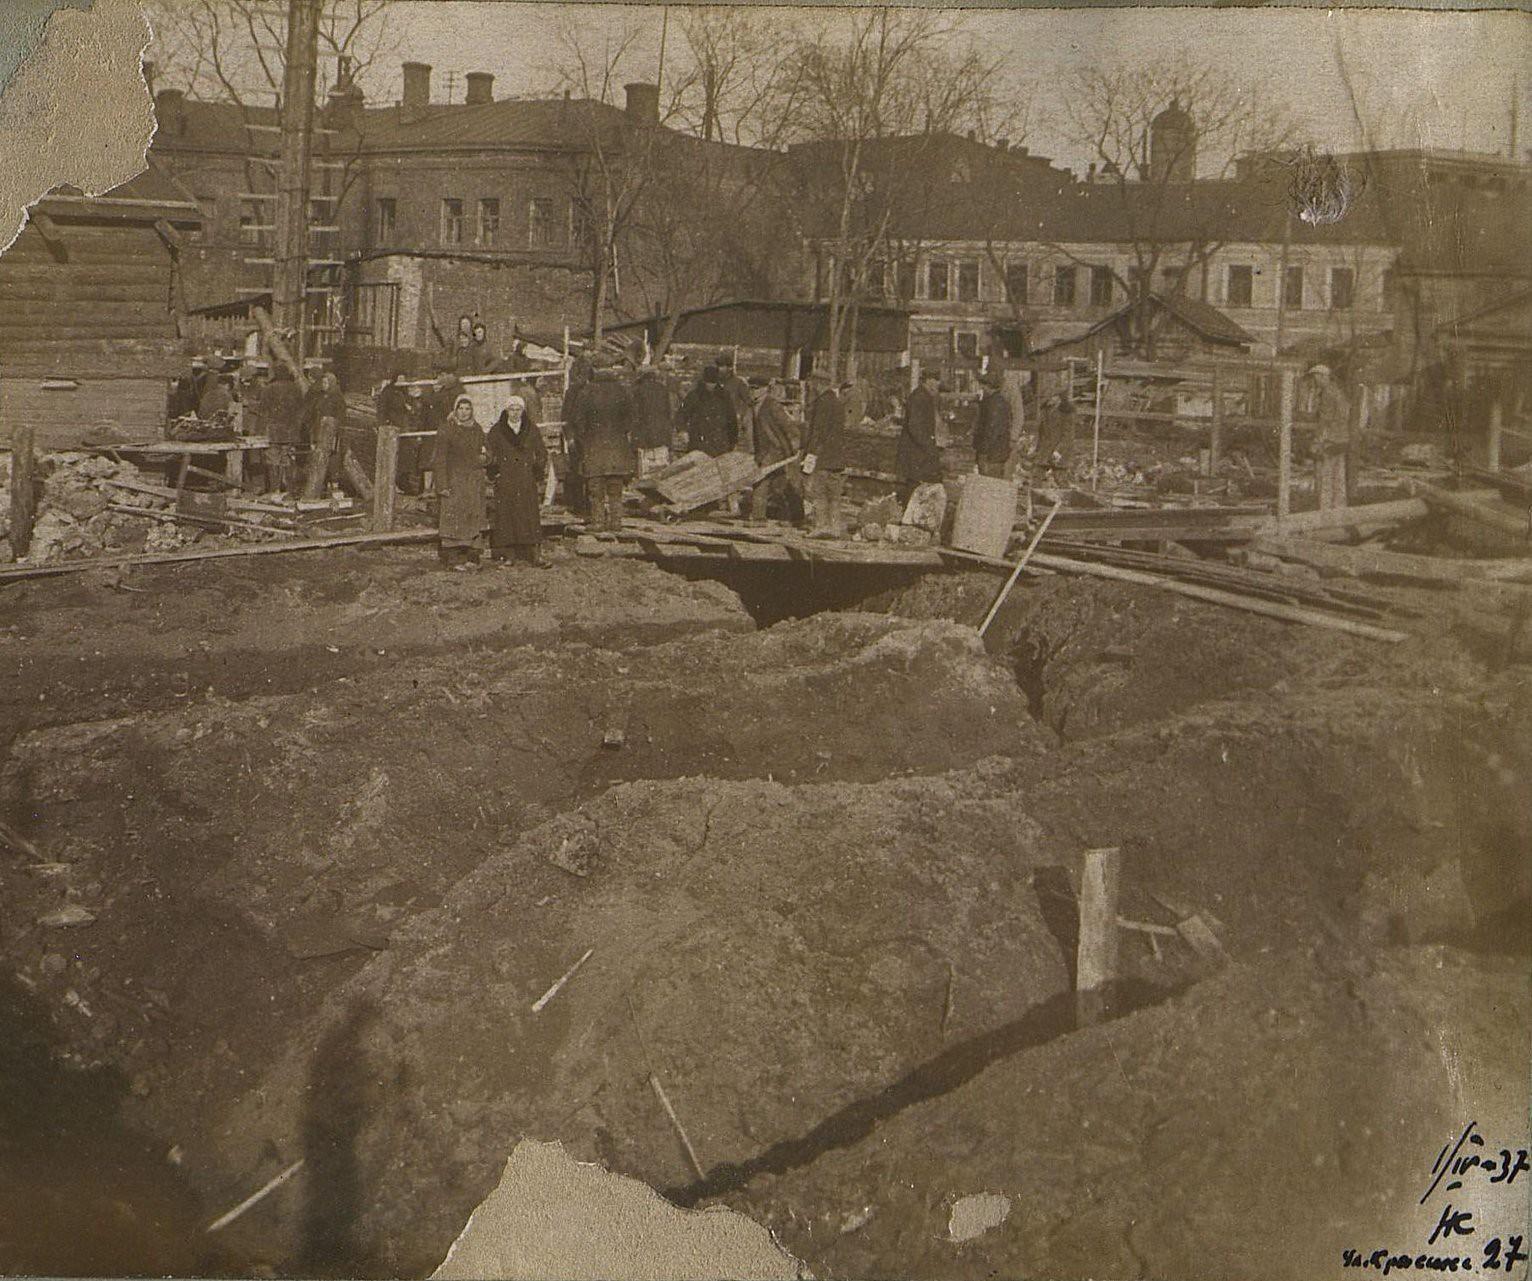 07. 1937. Строительство школы на улице Красина, дом 27. 1 апреля